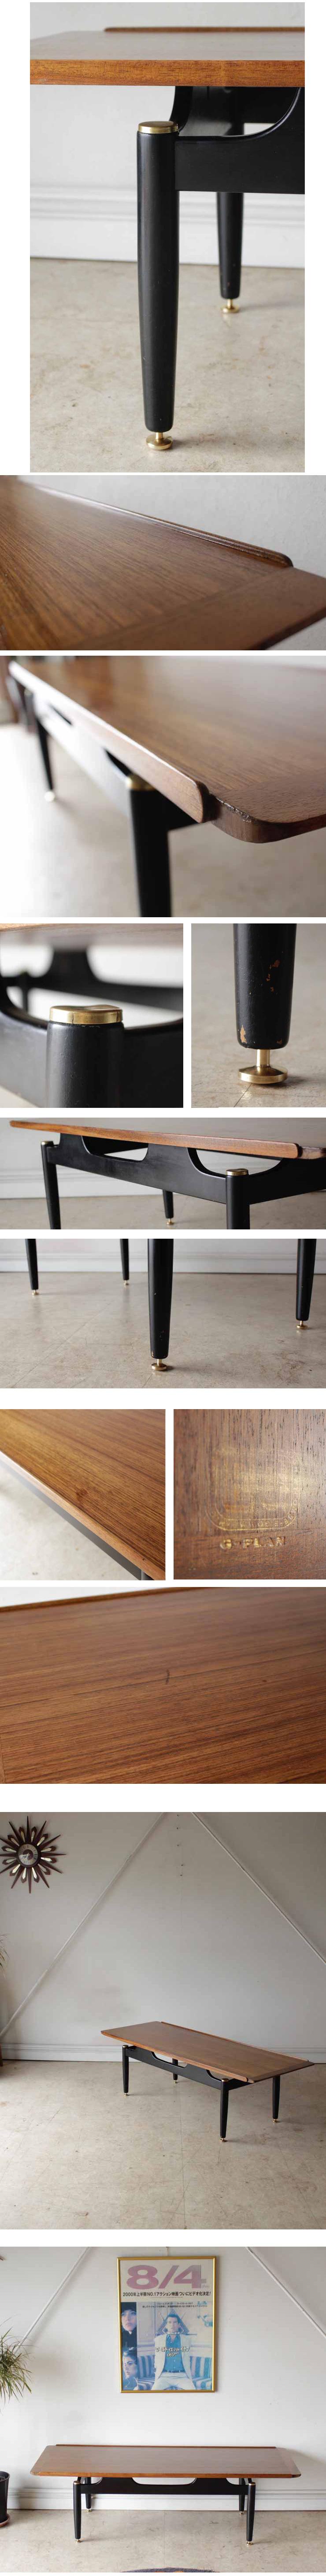 G-planジープラン・コーヒーテーブルBlack&Tolaセンターテーブル/ミッドセンチュリー家具アンティーク北欧